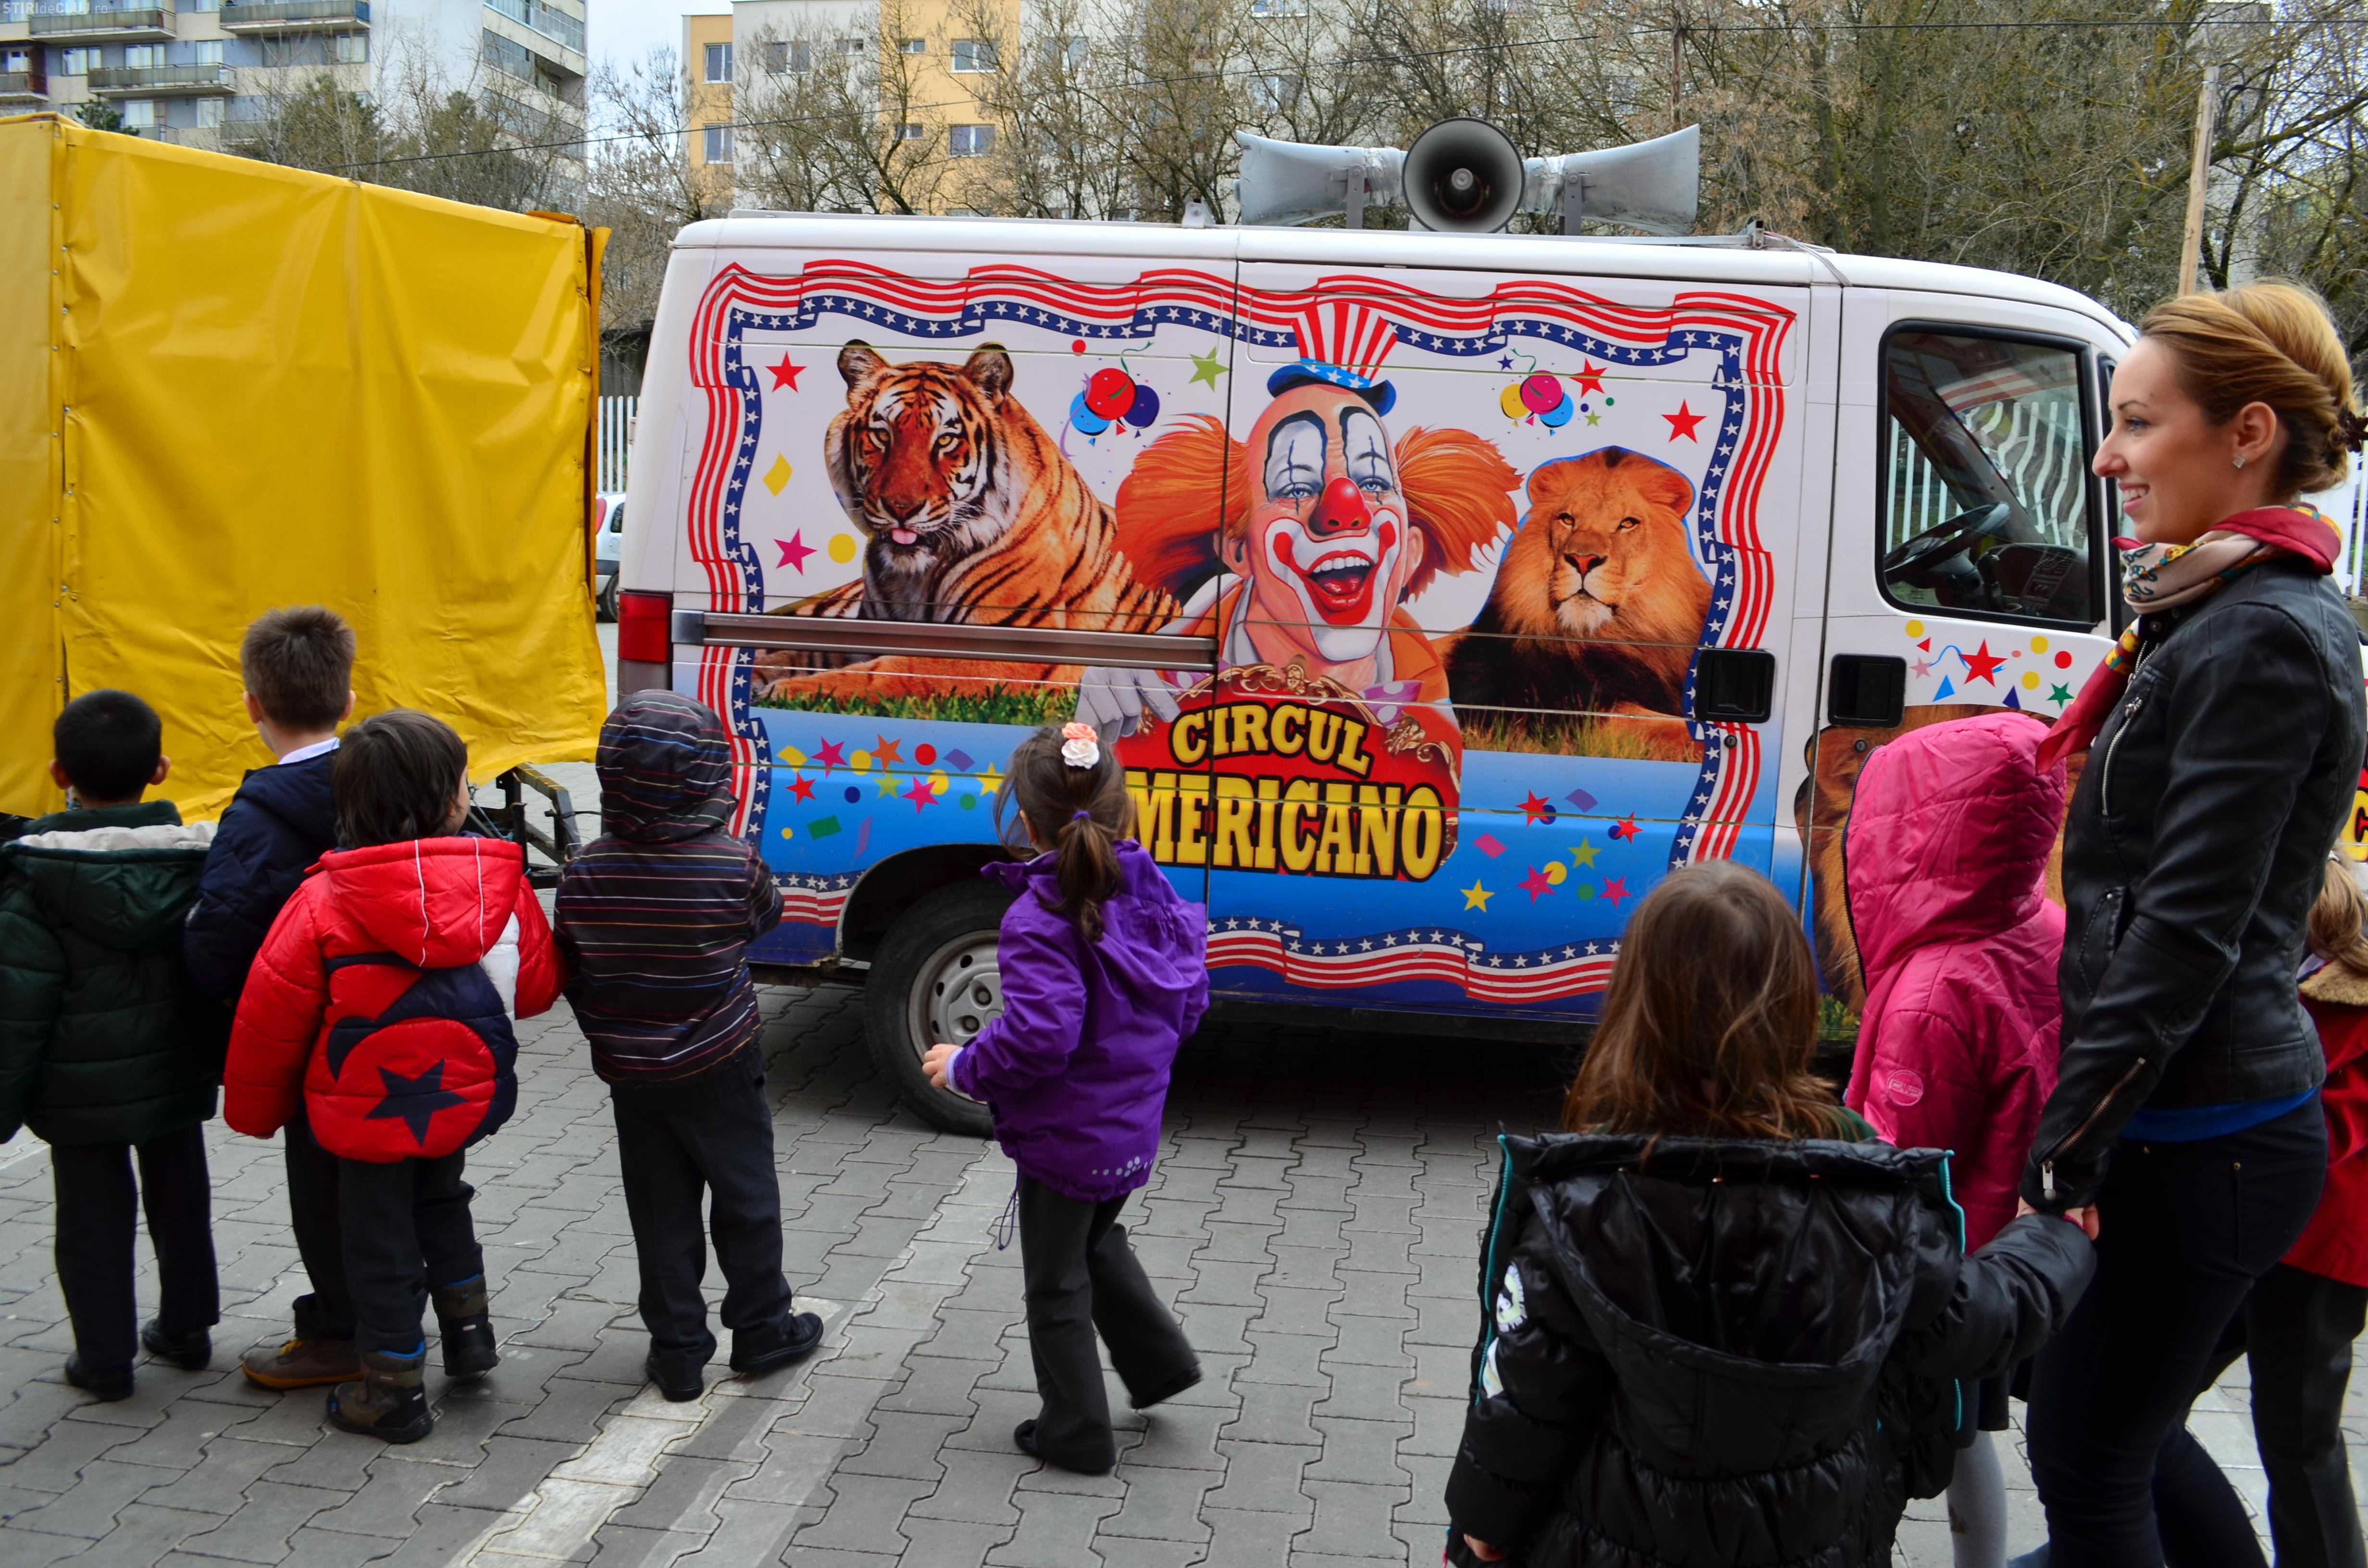 Animalele de la circ au ajuns la Școala Internațională din Cluj - FOTO